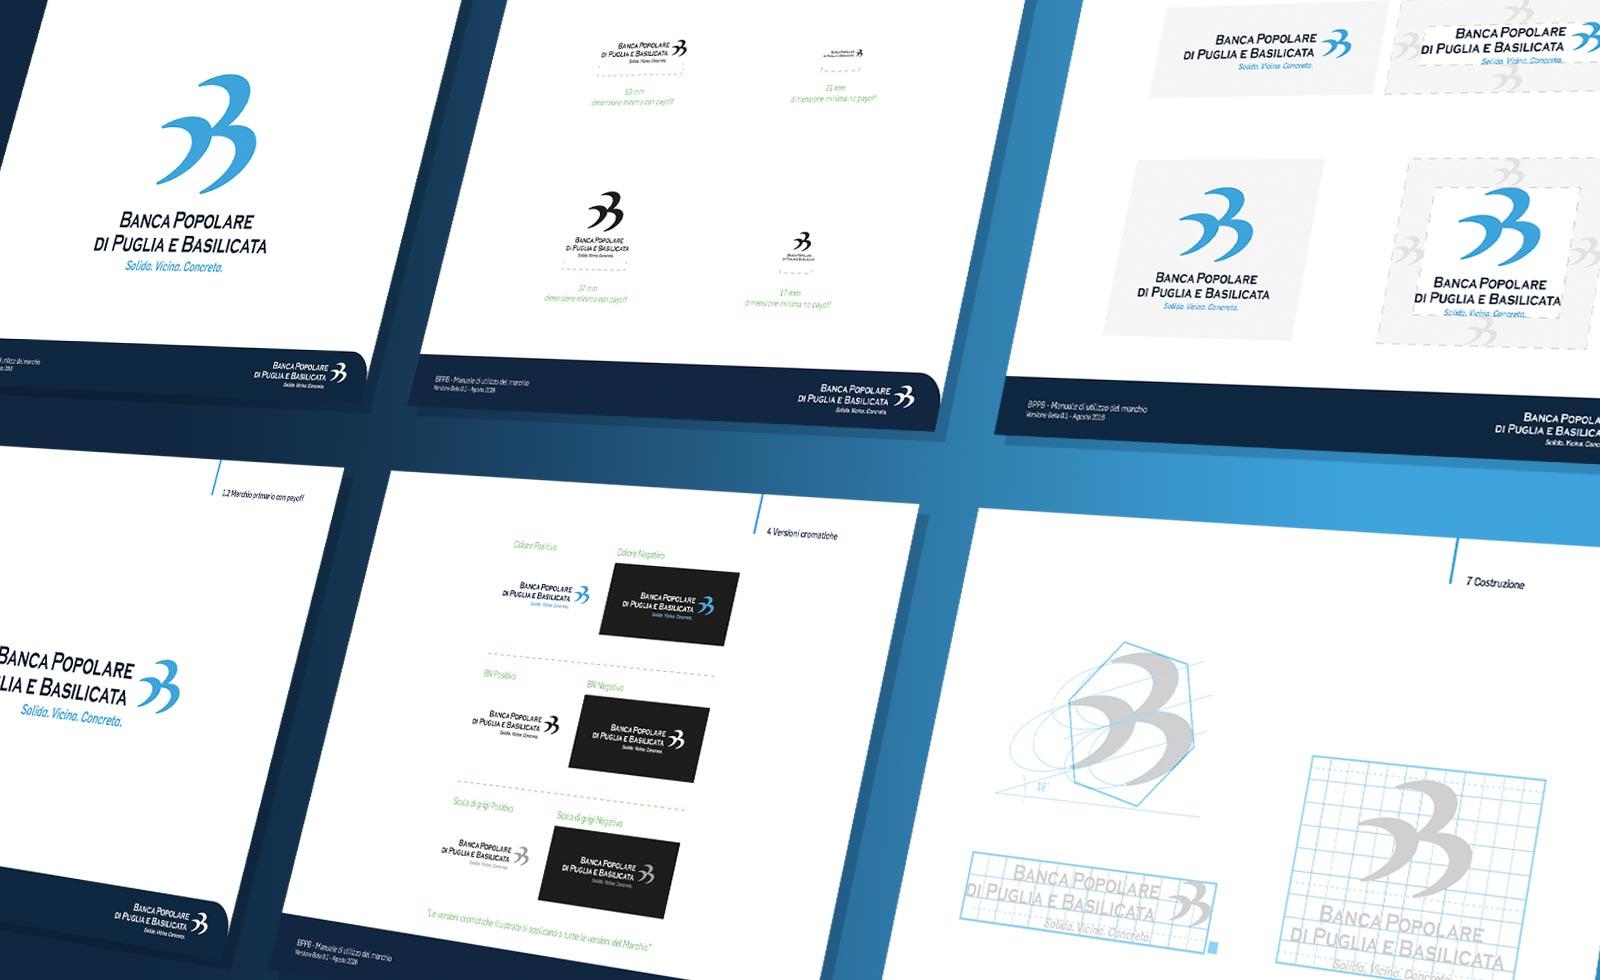 bppb banca popolare di puglia e basilicata rebranding design guidelines brandbook